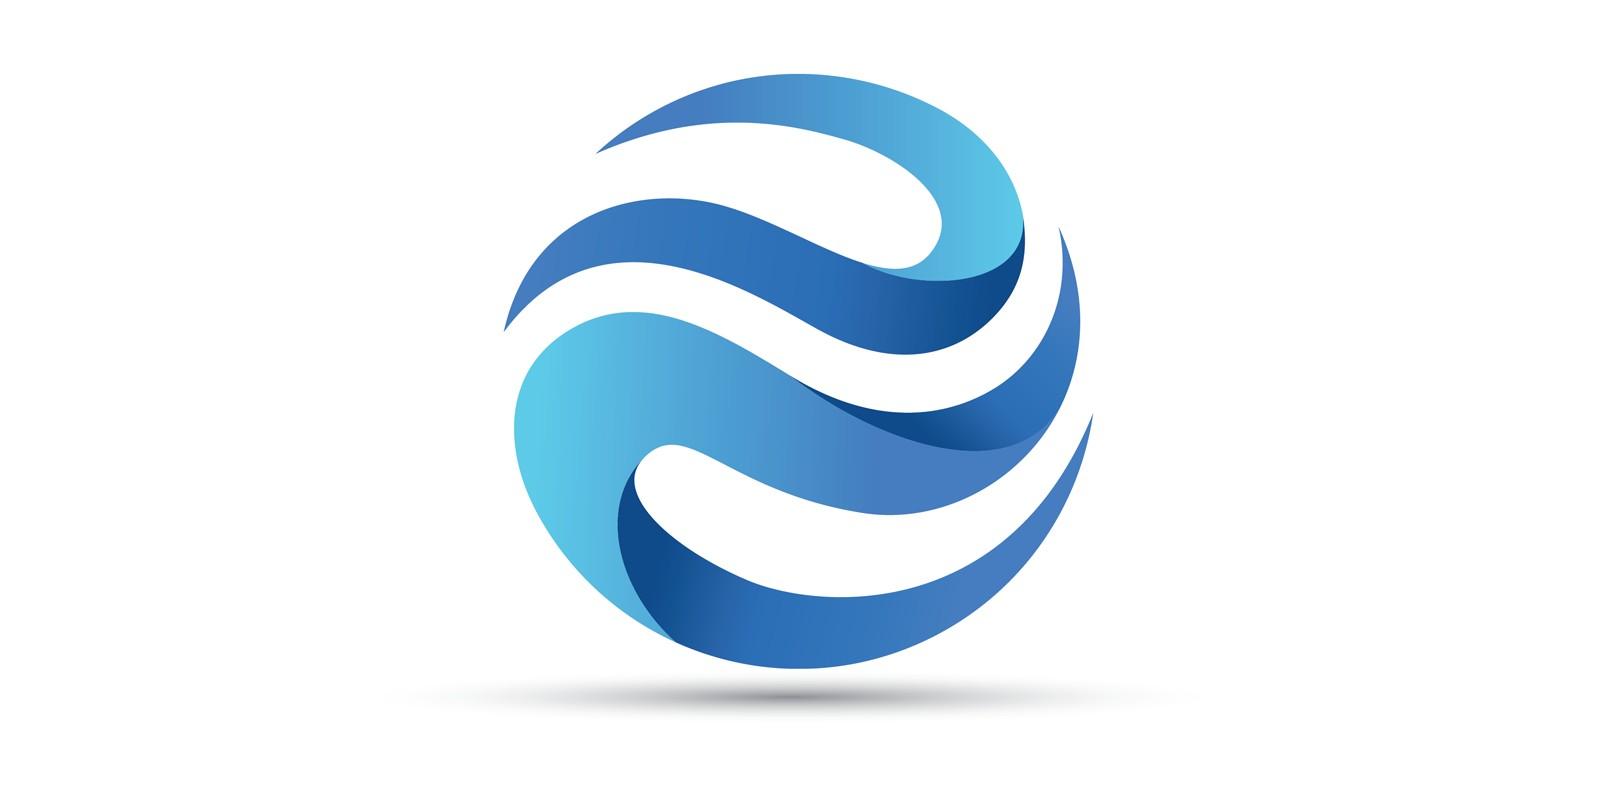 Modern Circle Design Logo Vector